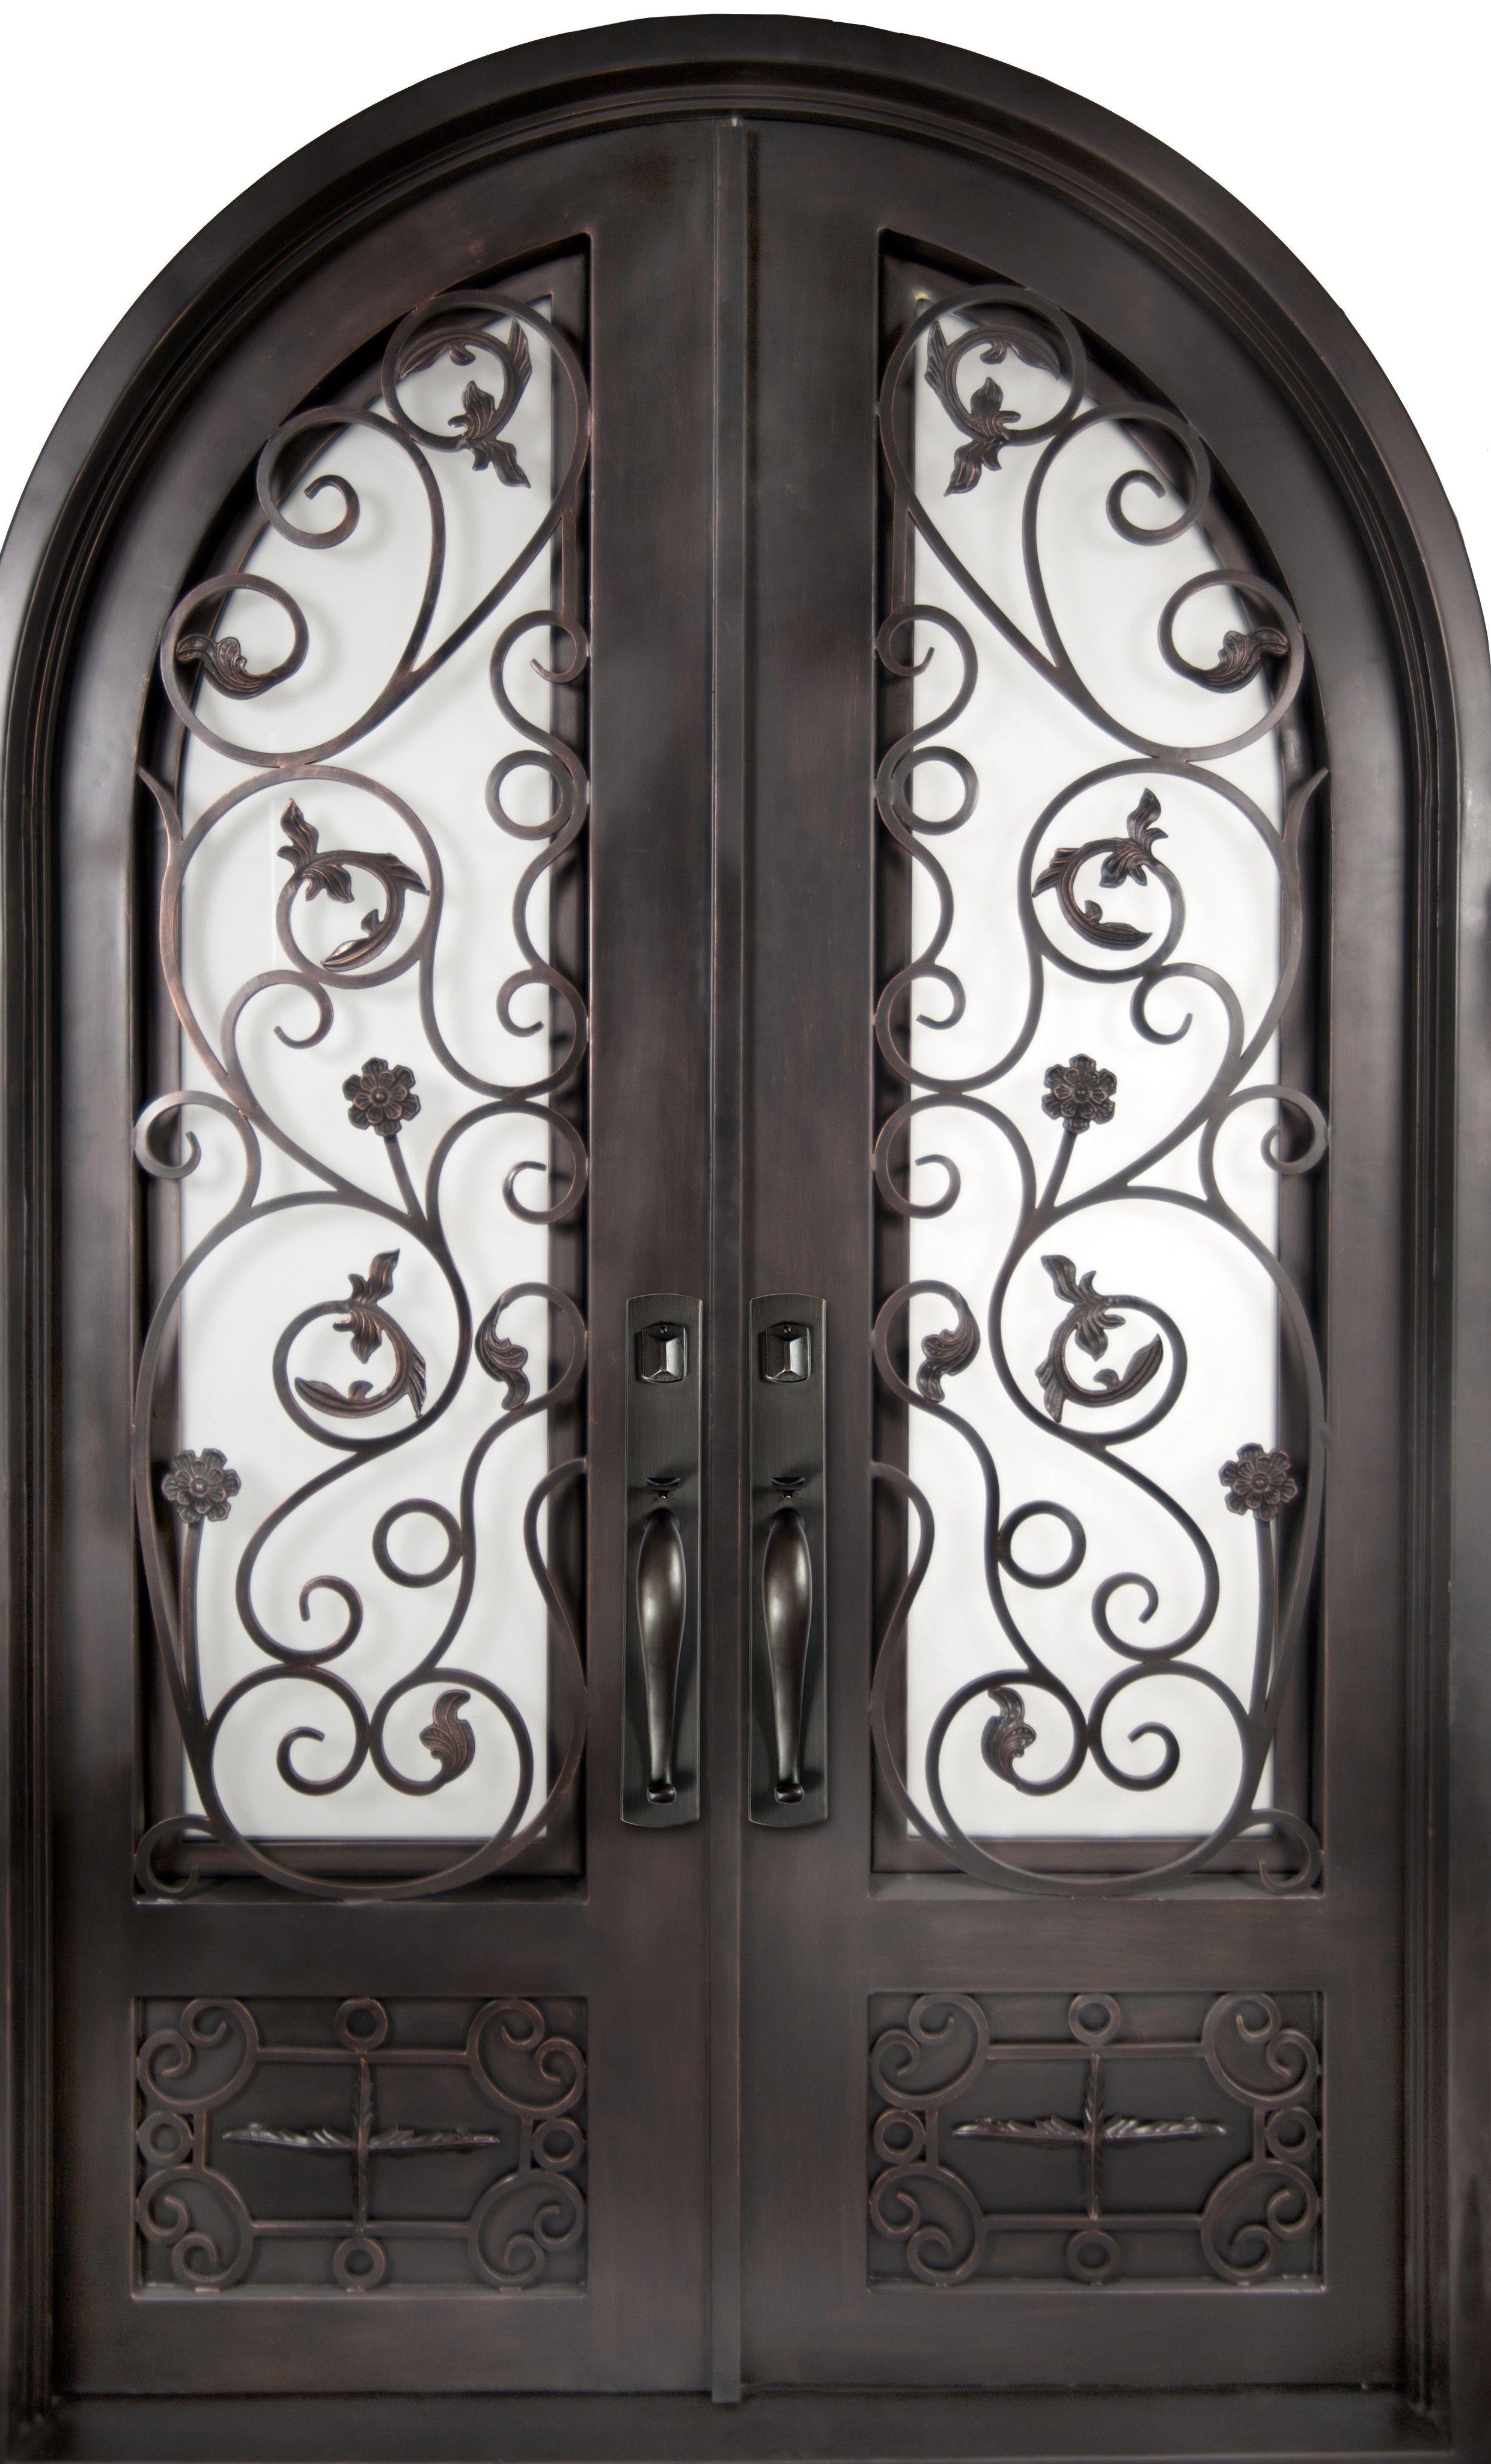 Iron Doors Unlimited Fero Fiore Iron Doors Wrought Iron